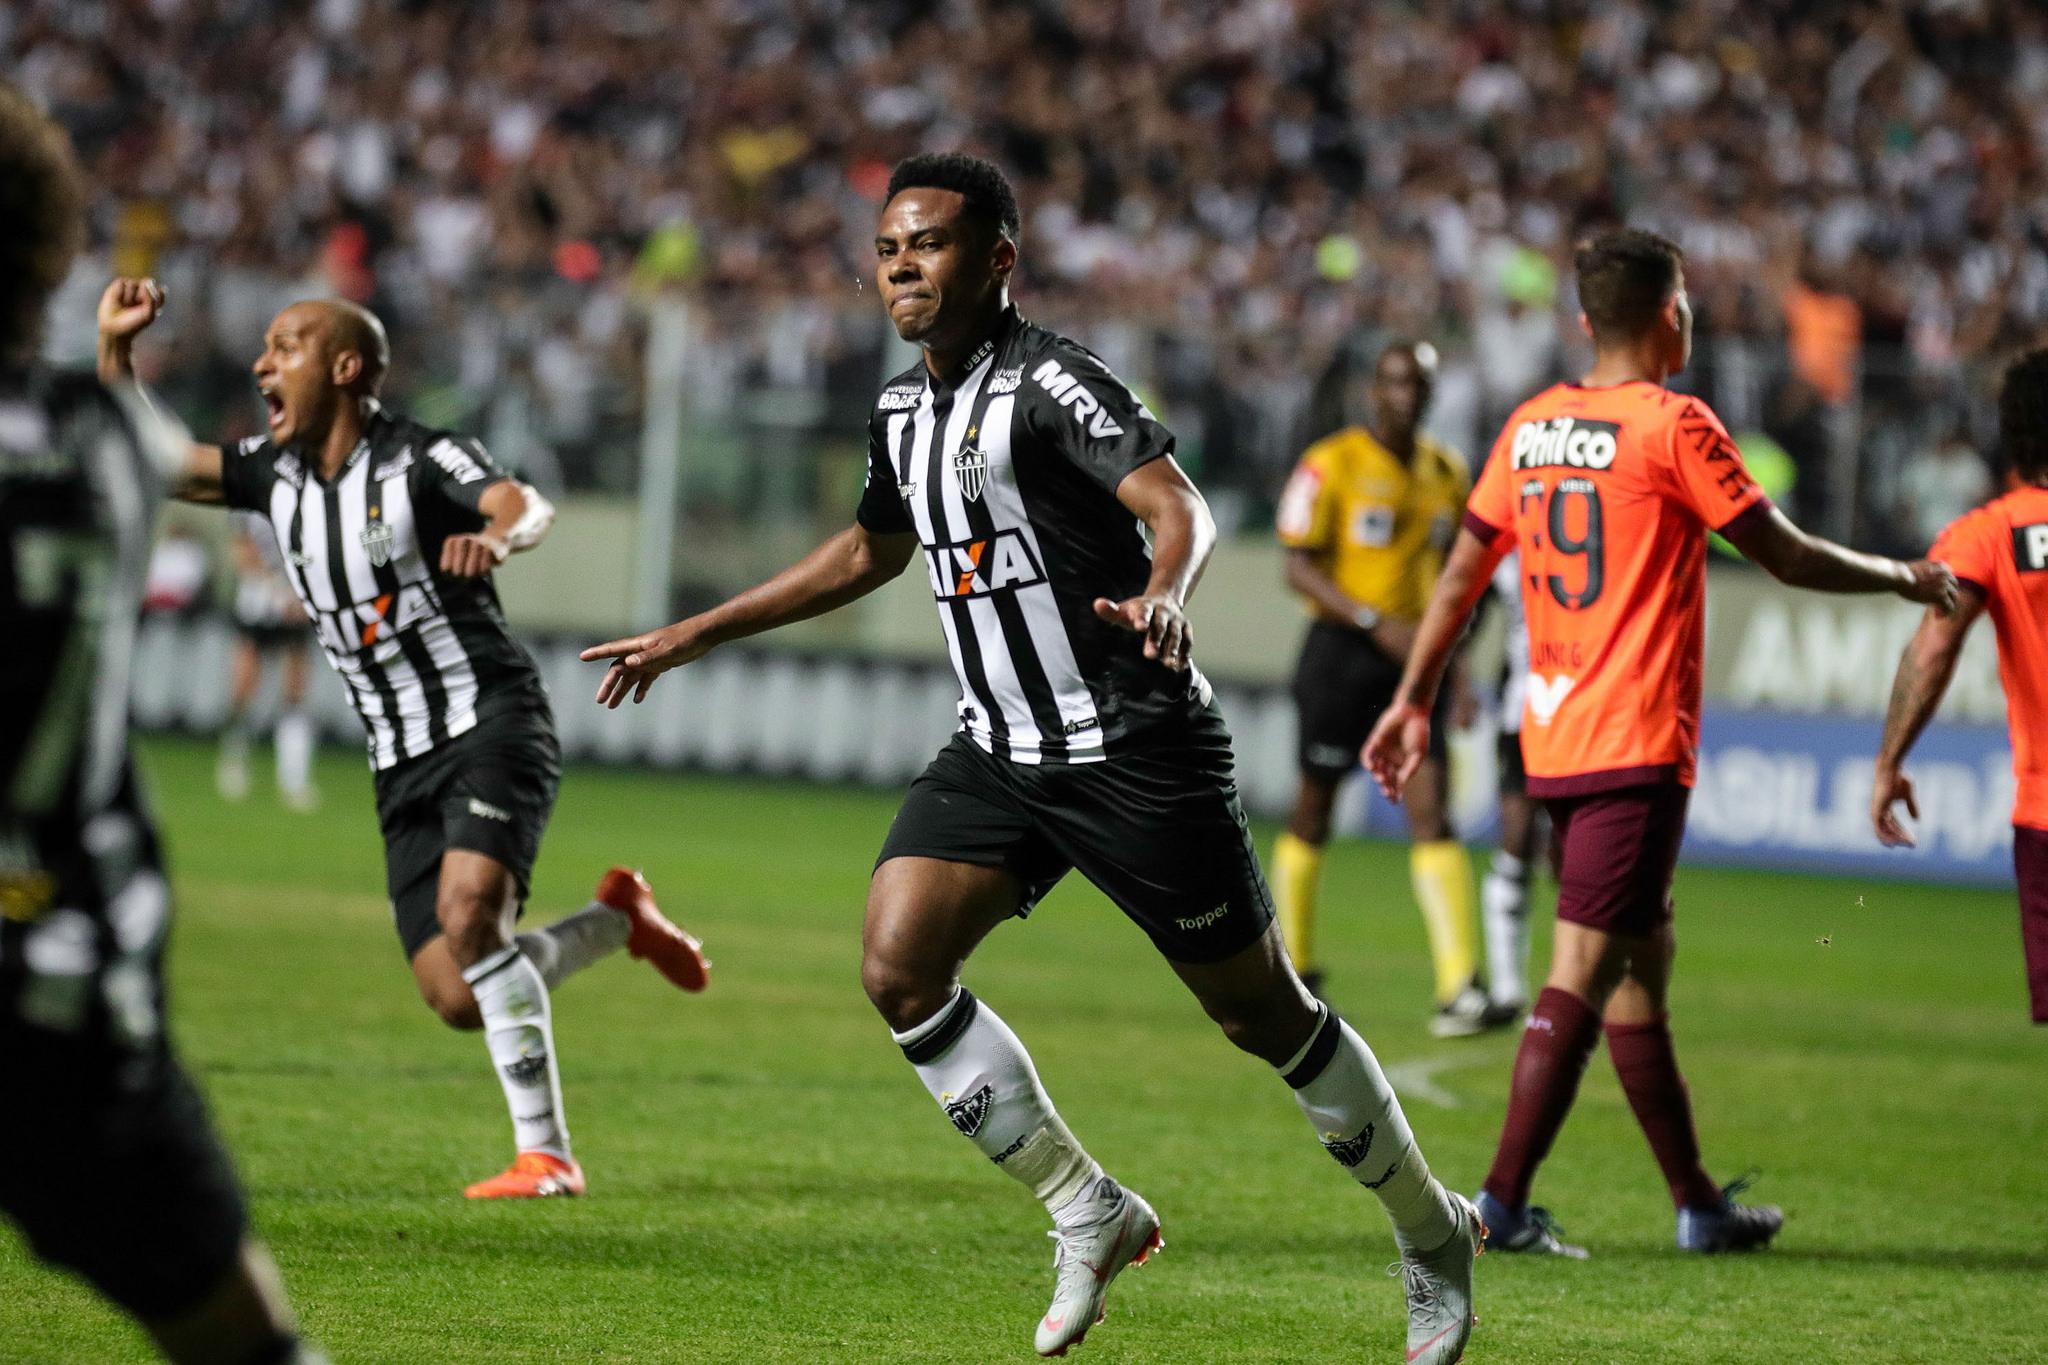 Elias marcou o gol da virada do Galo